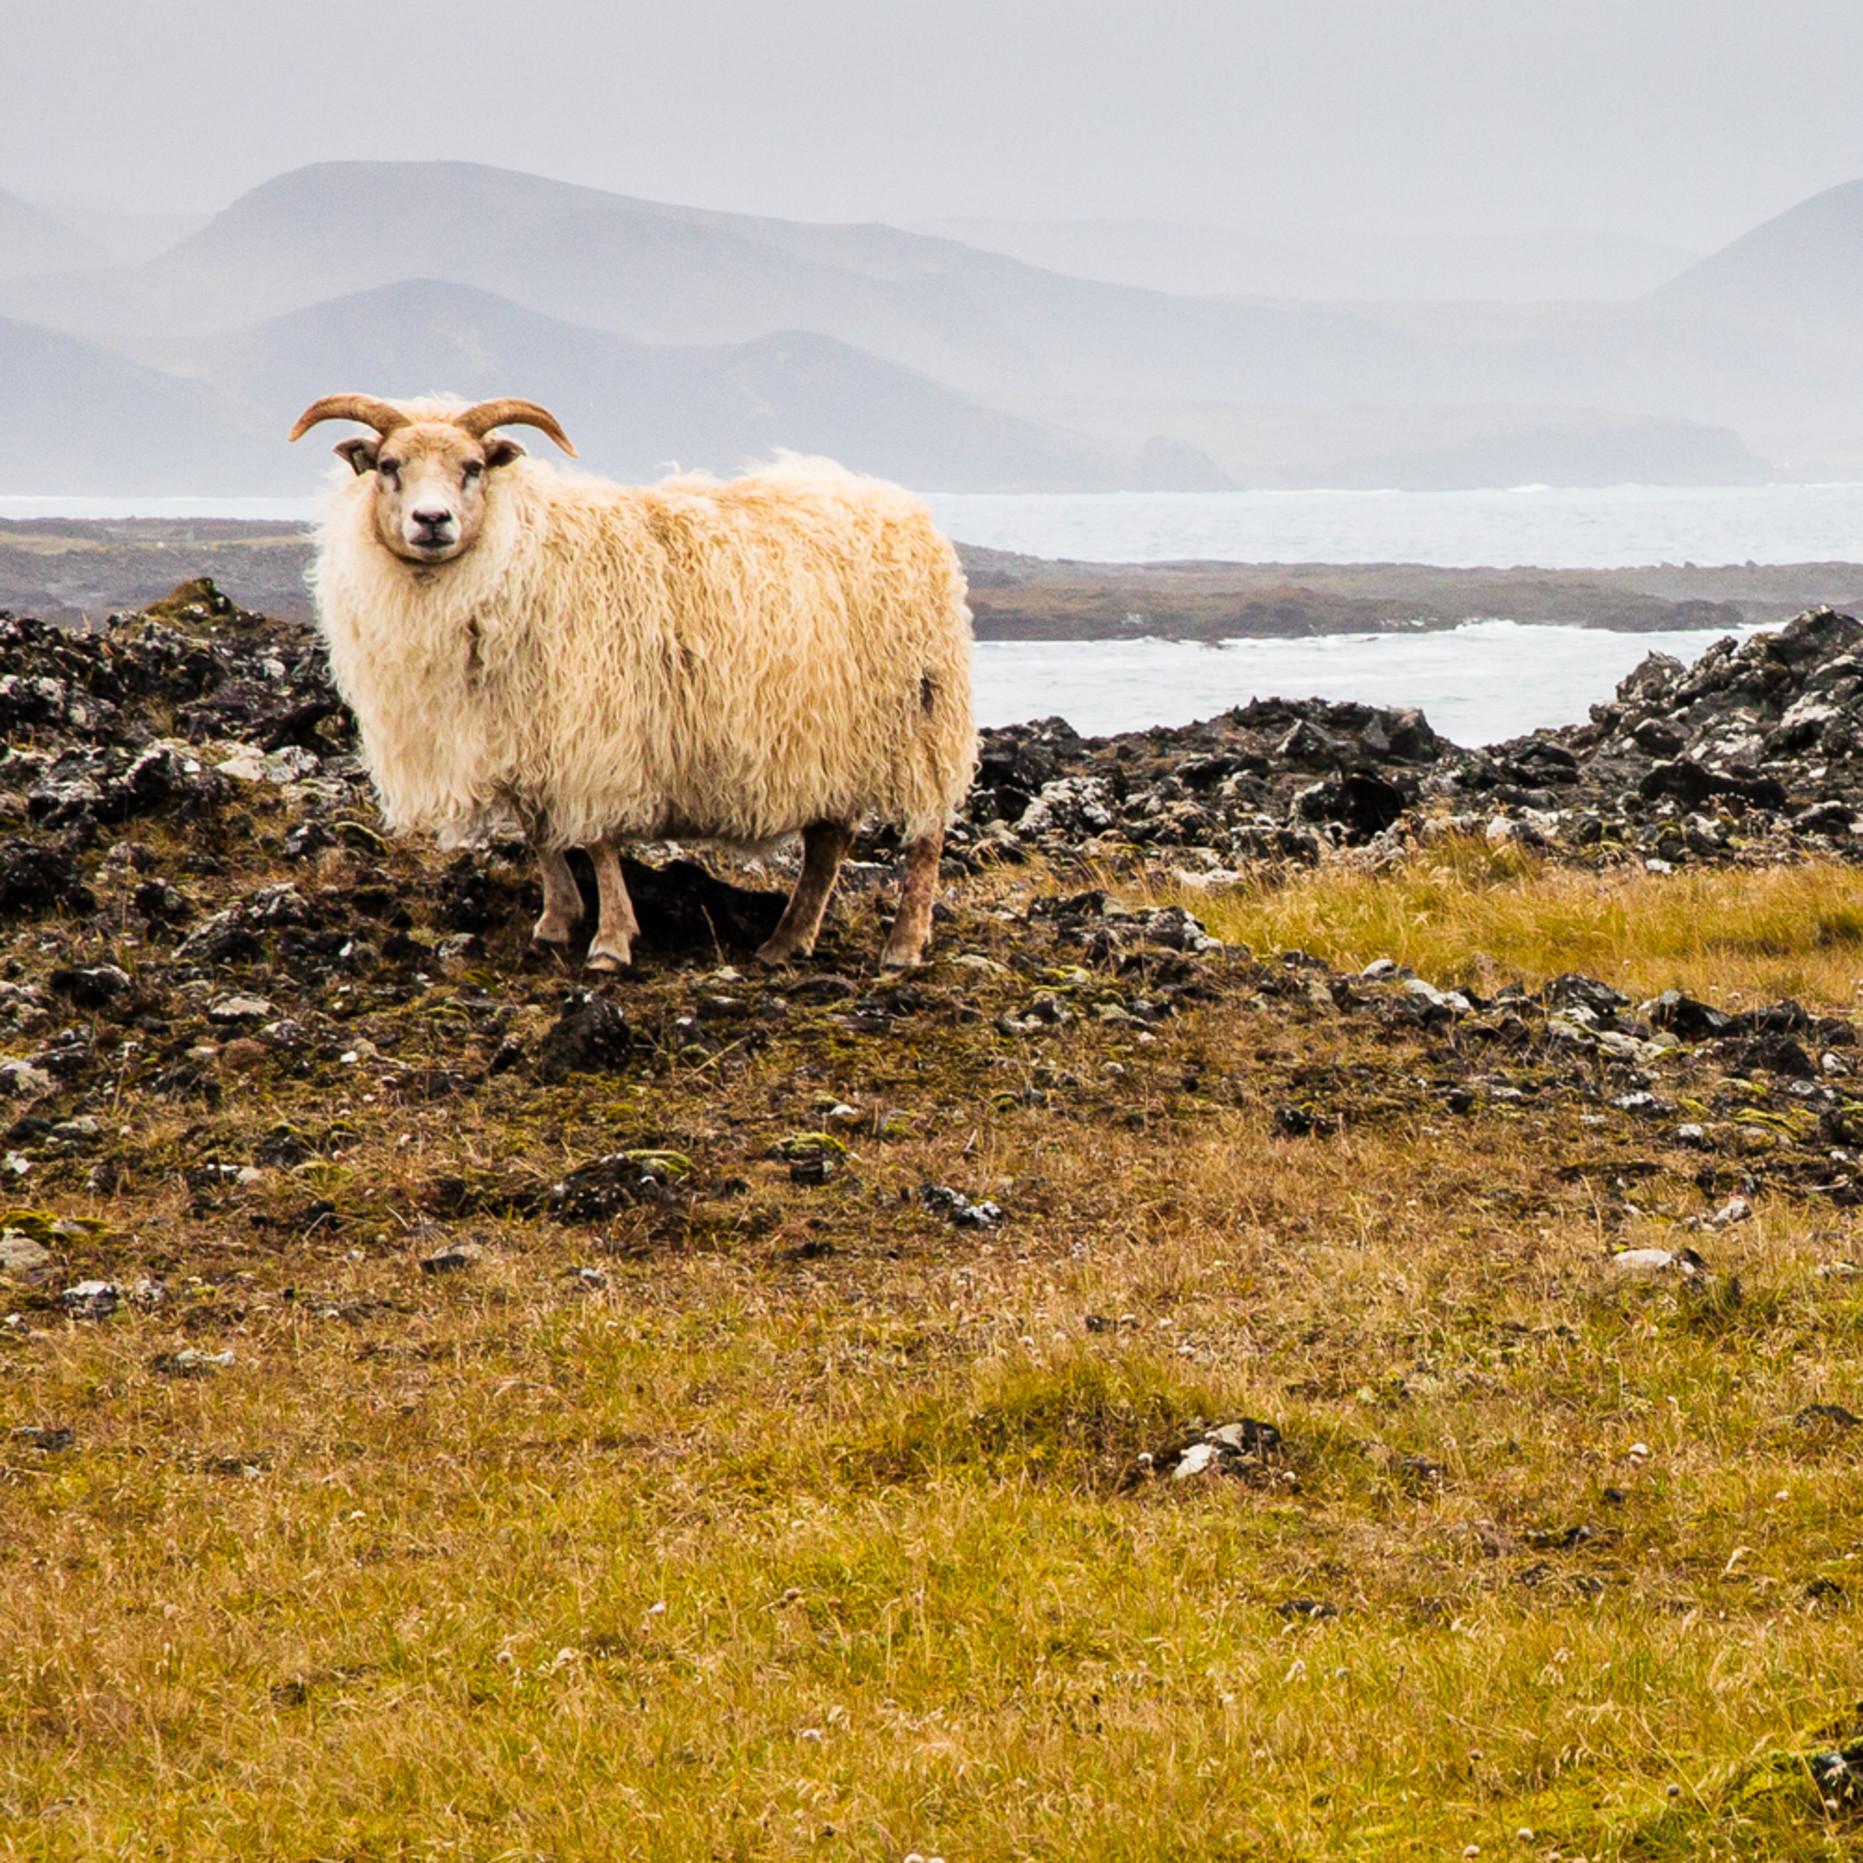 Lone sheep vmstlh